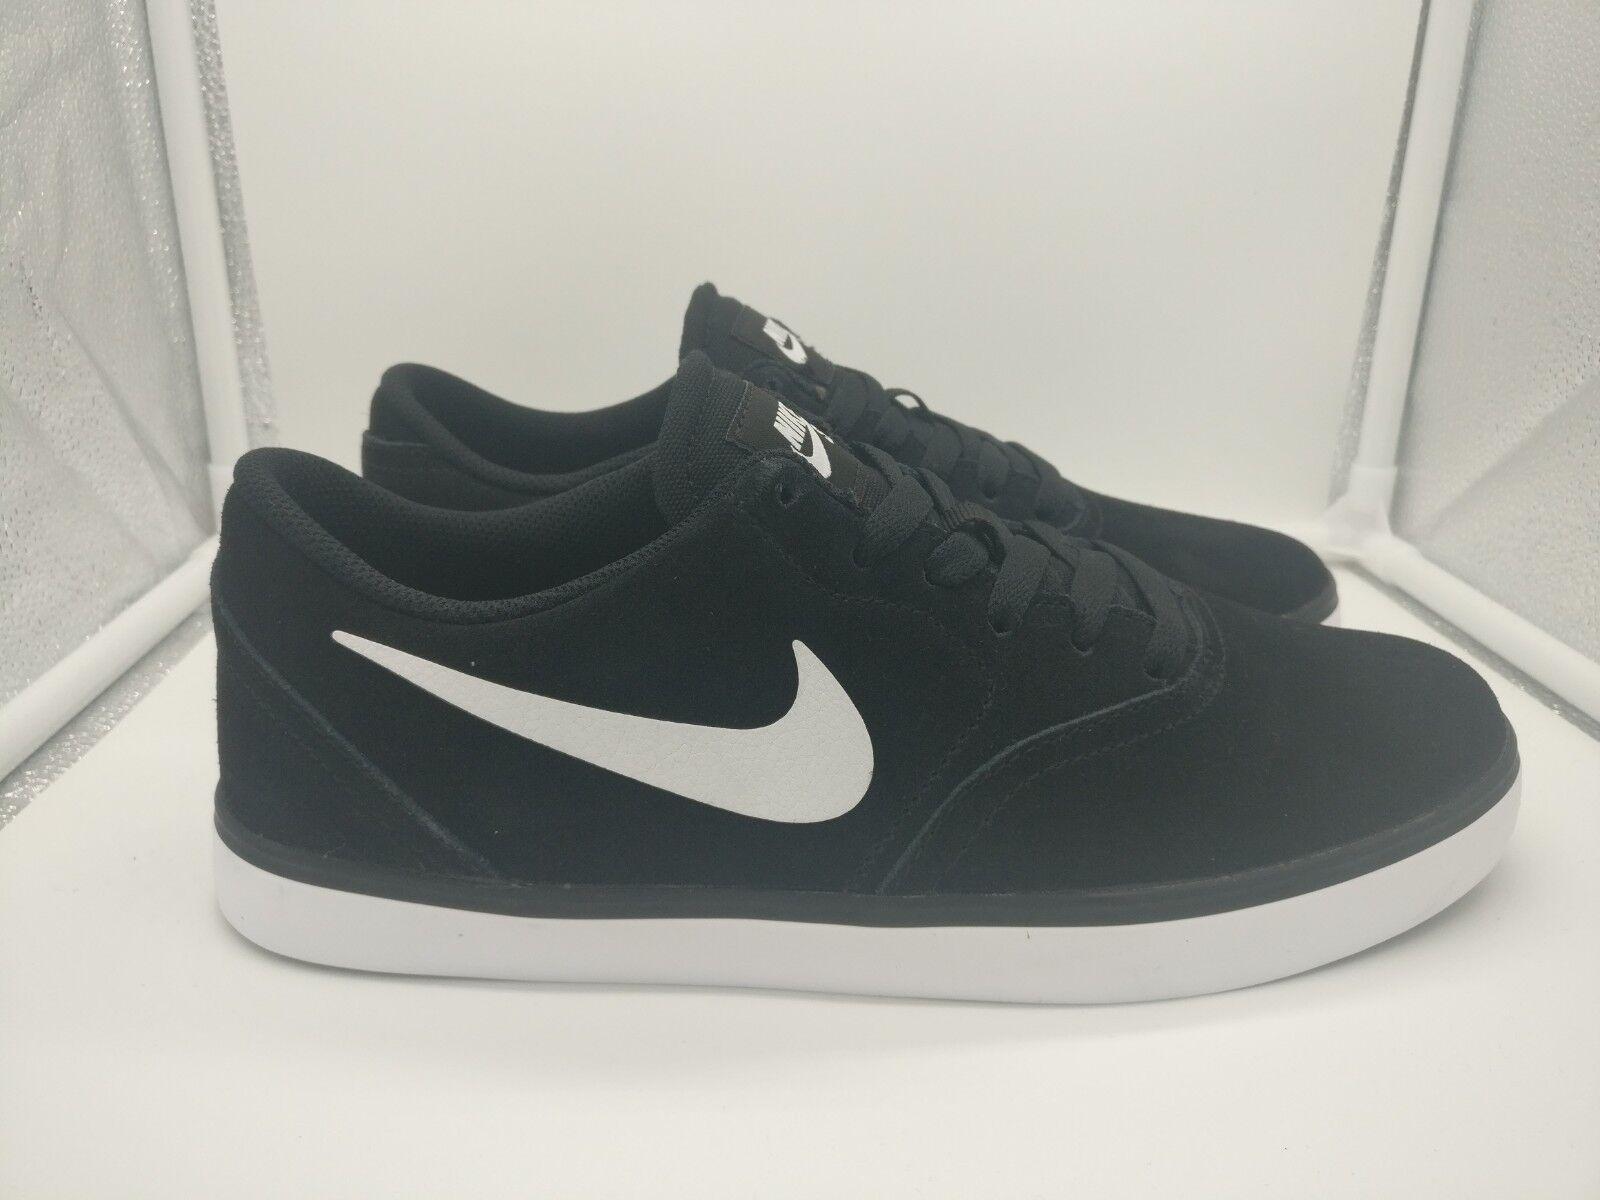 Nike SB controllo Nero Bianco 705265-006 | riduzione del prezzo  | Gentiluomo/Signora Scarpa